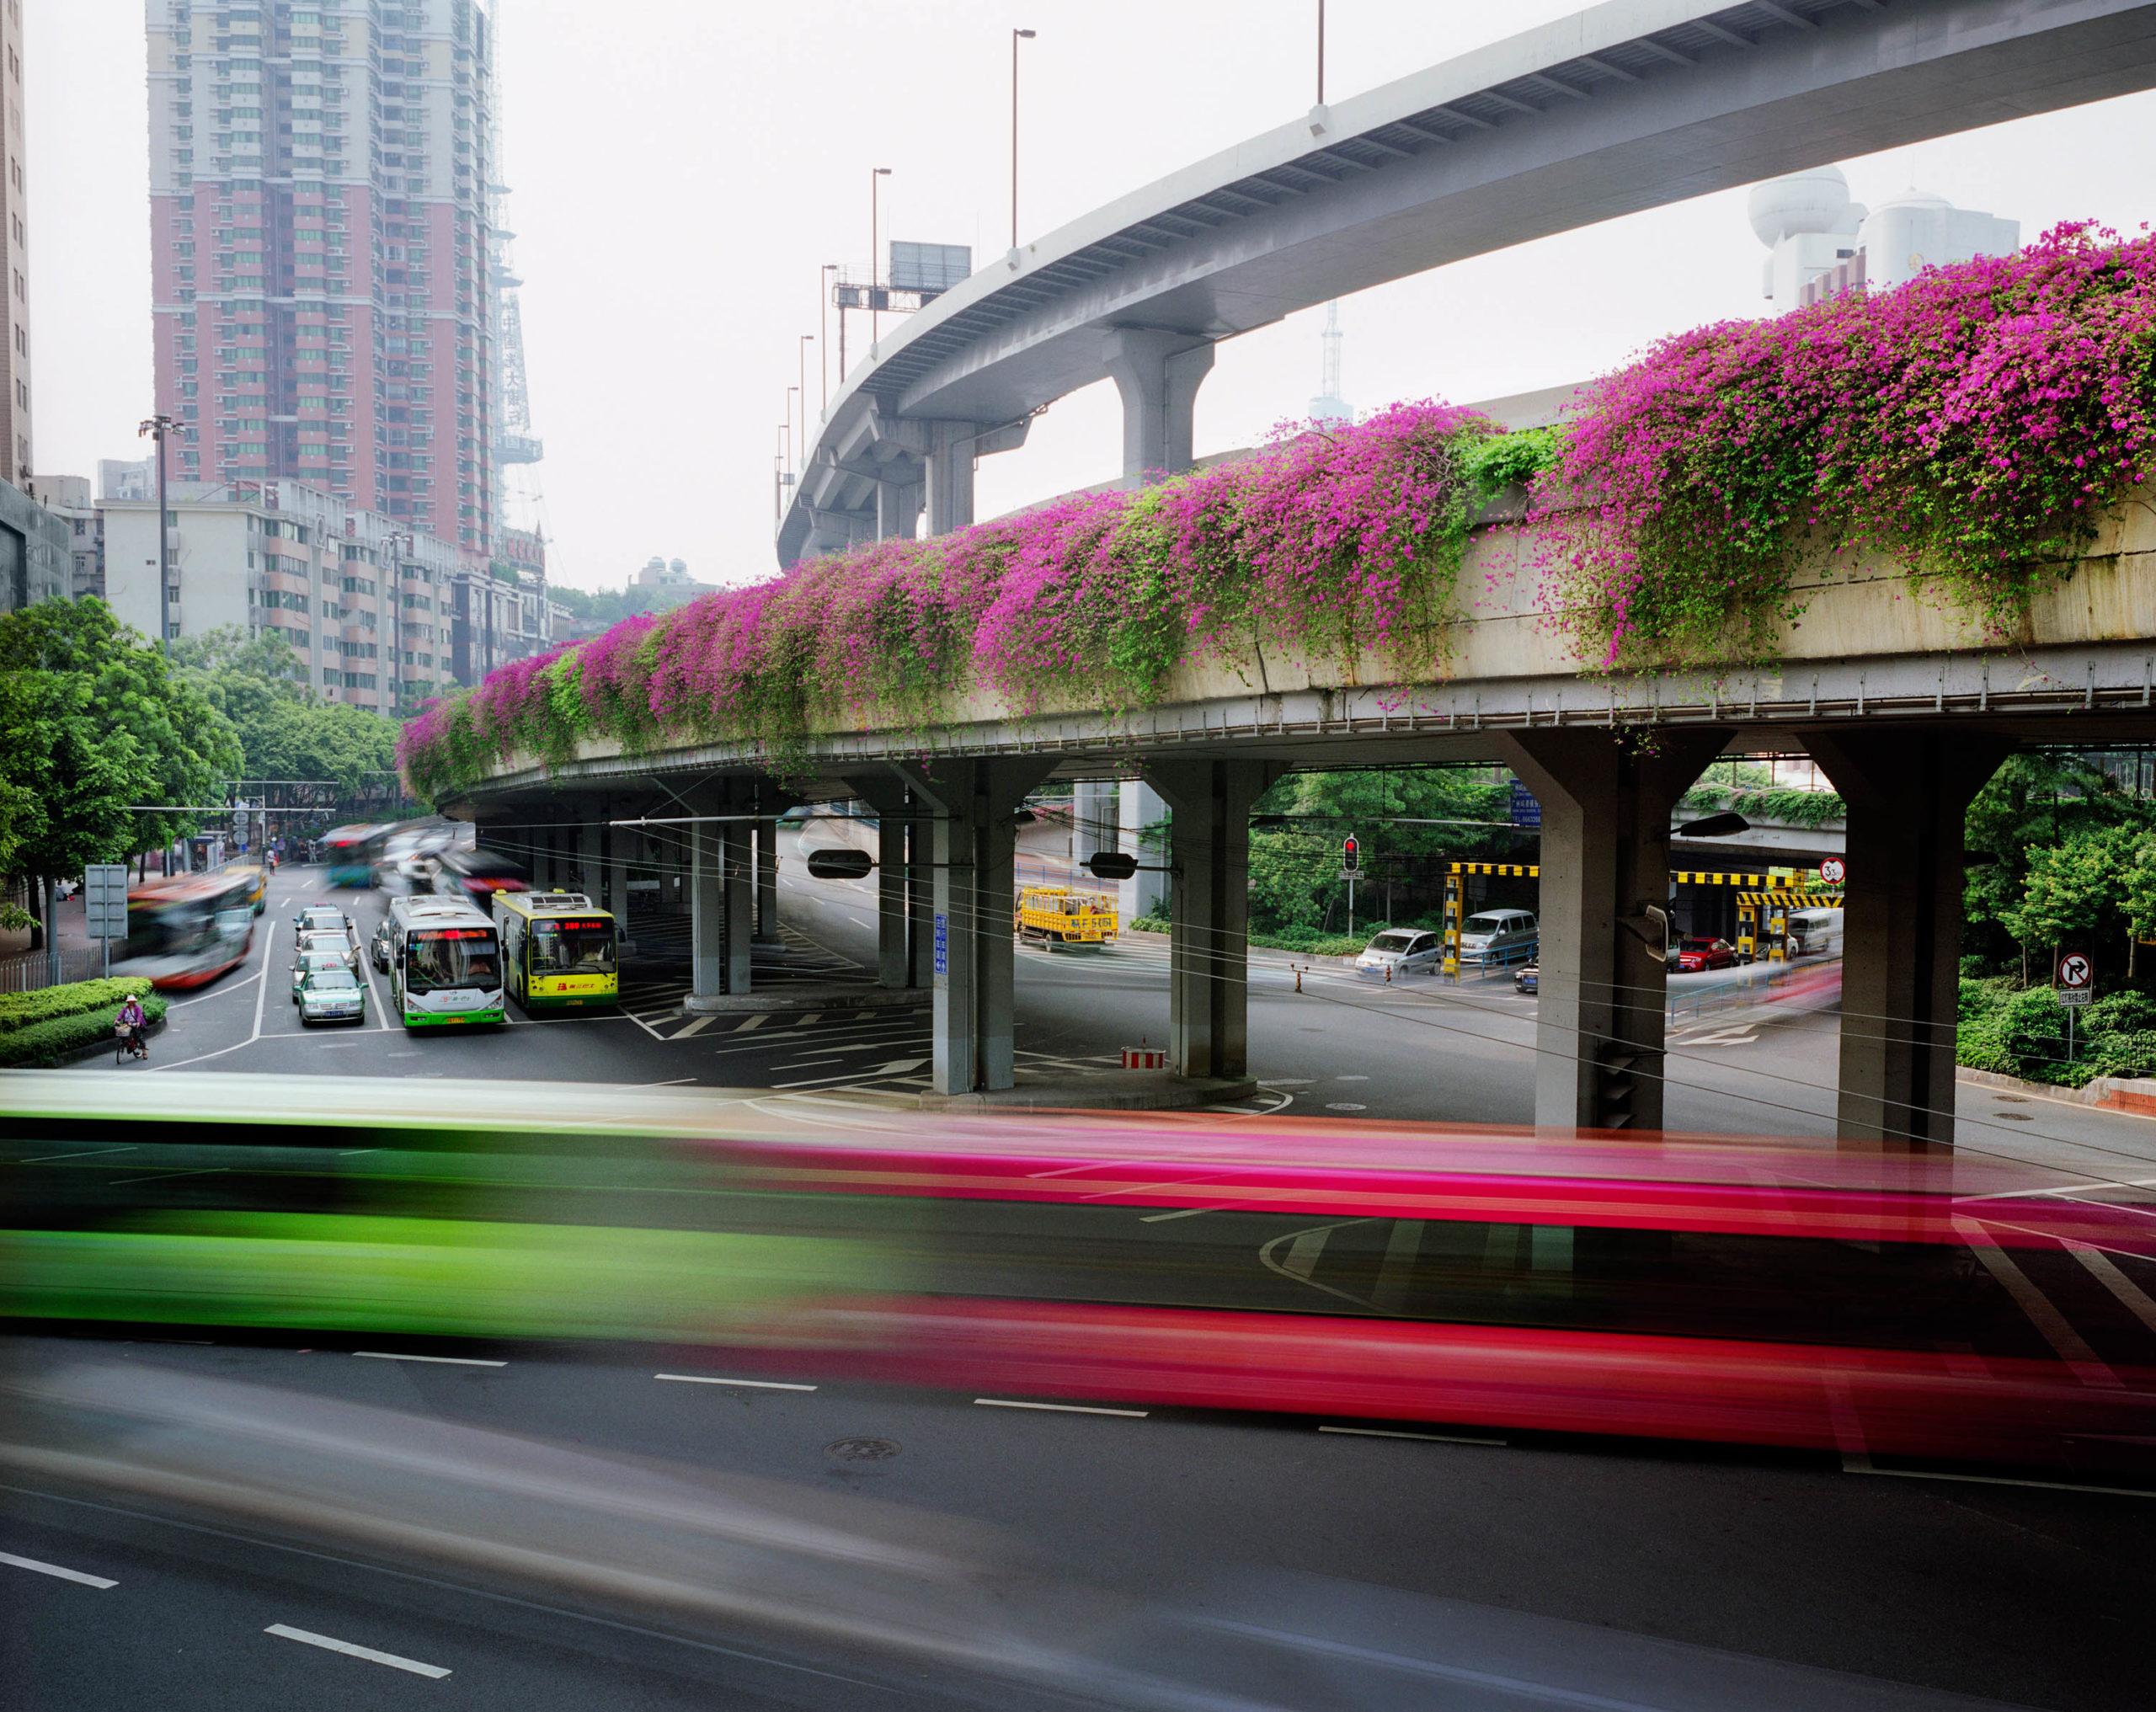 Huan Shi Road, Yue Xiu District, Guangzhou, China